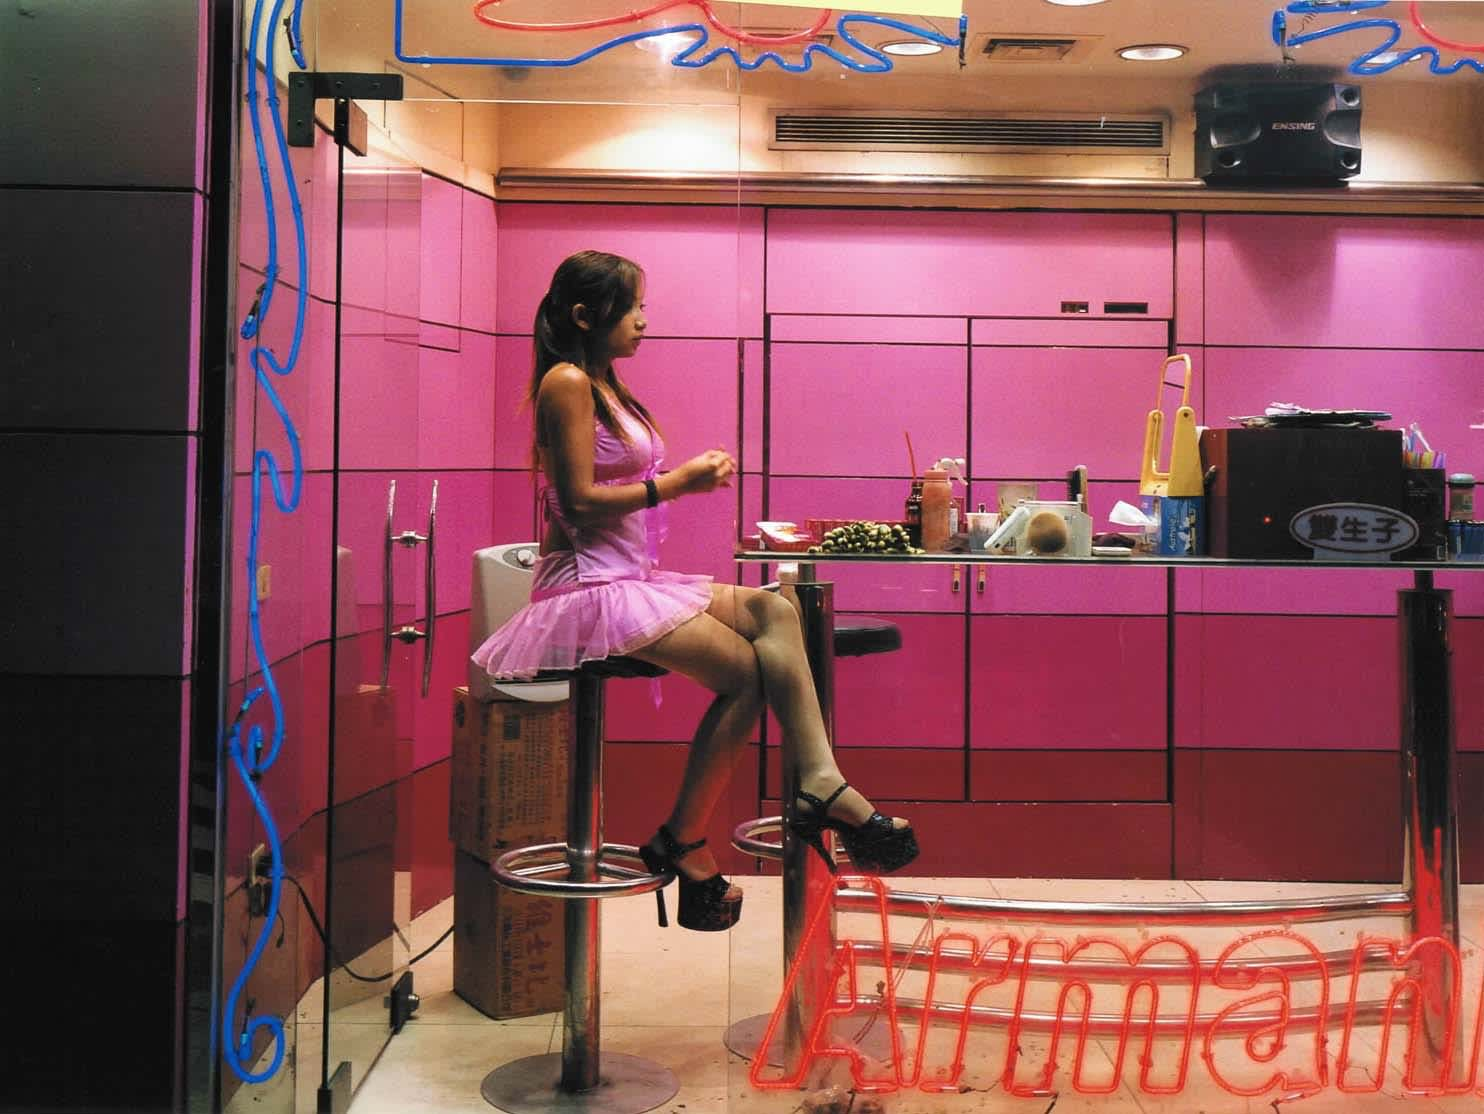 MASATO SETO: BINRAN GIRLS